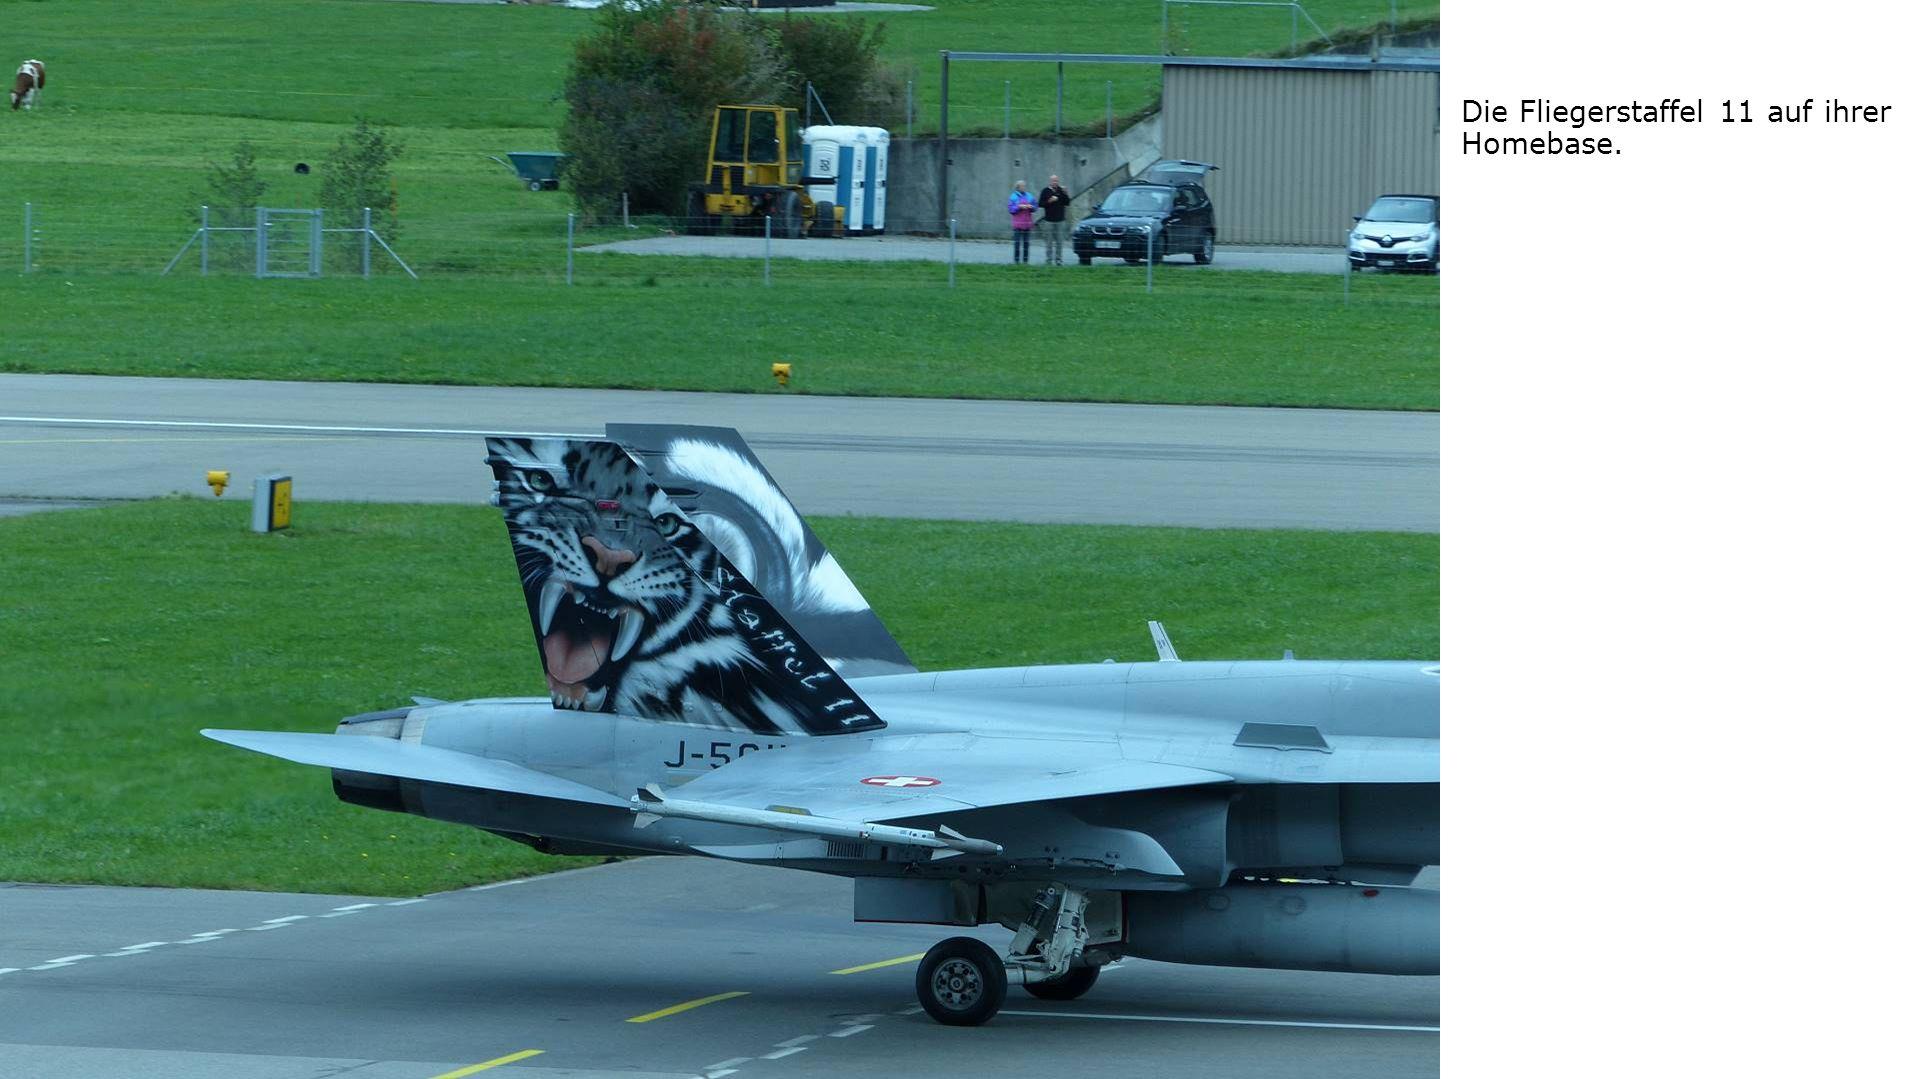 Die Fliegerstaffel 11 auf ihrer Homebase.